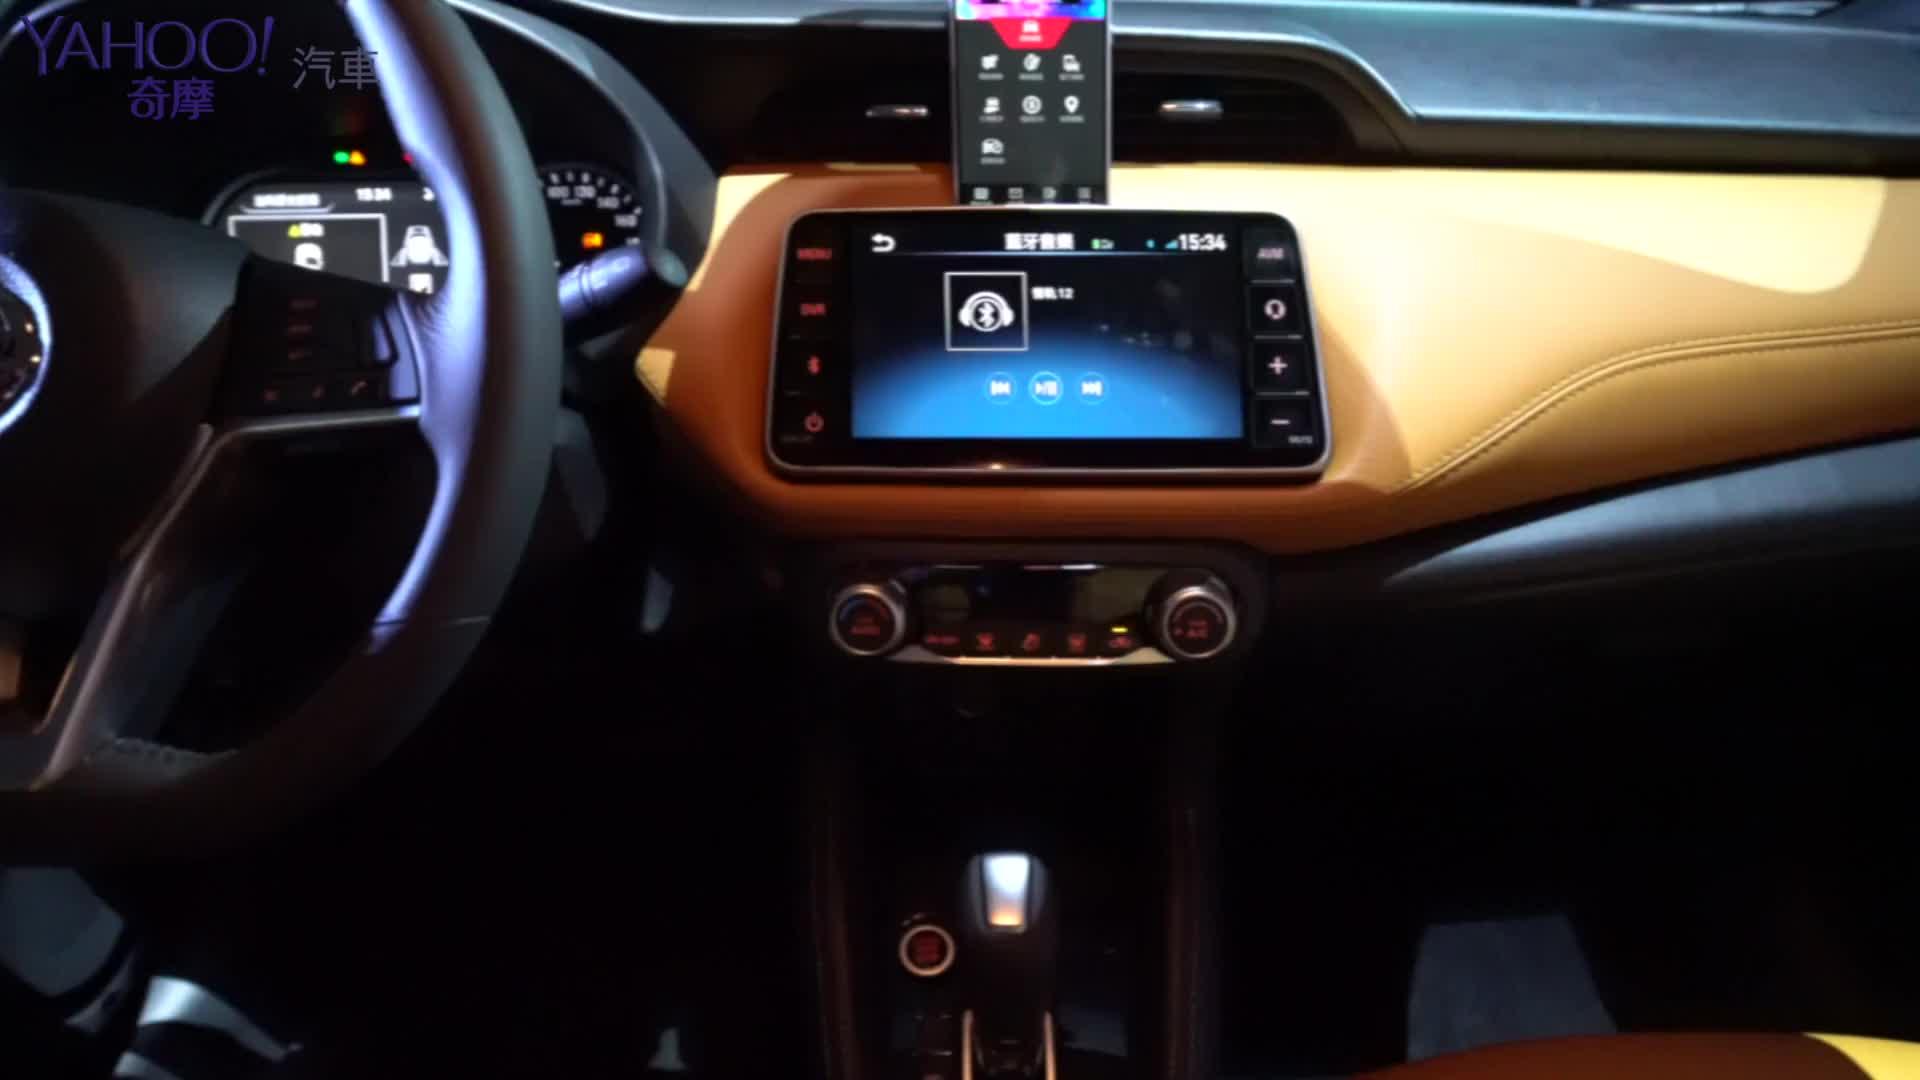 【新車速報】Nissan全球戰略車款Kicks正式登台69.9萬起!